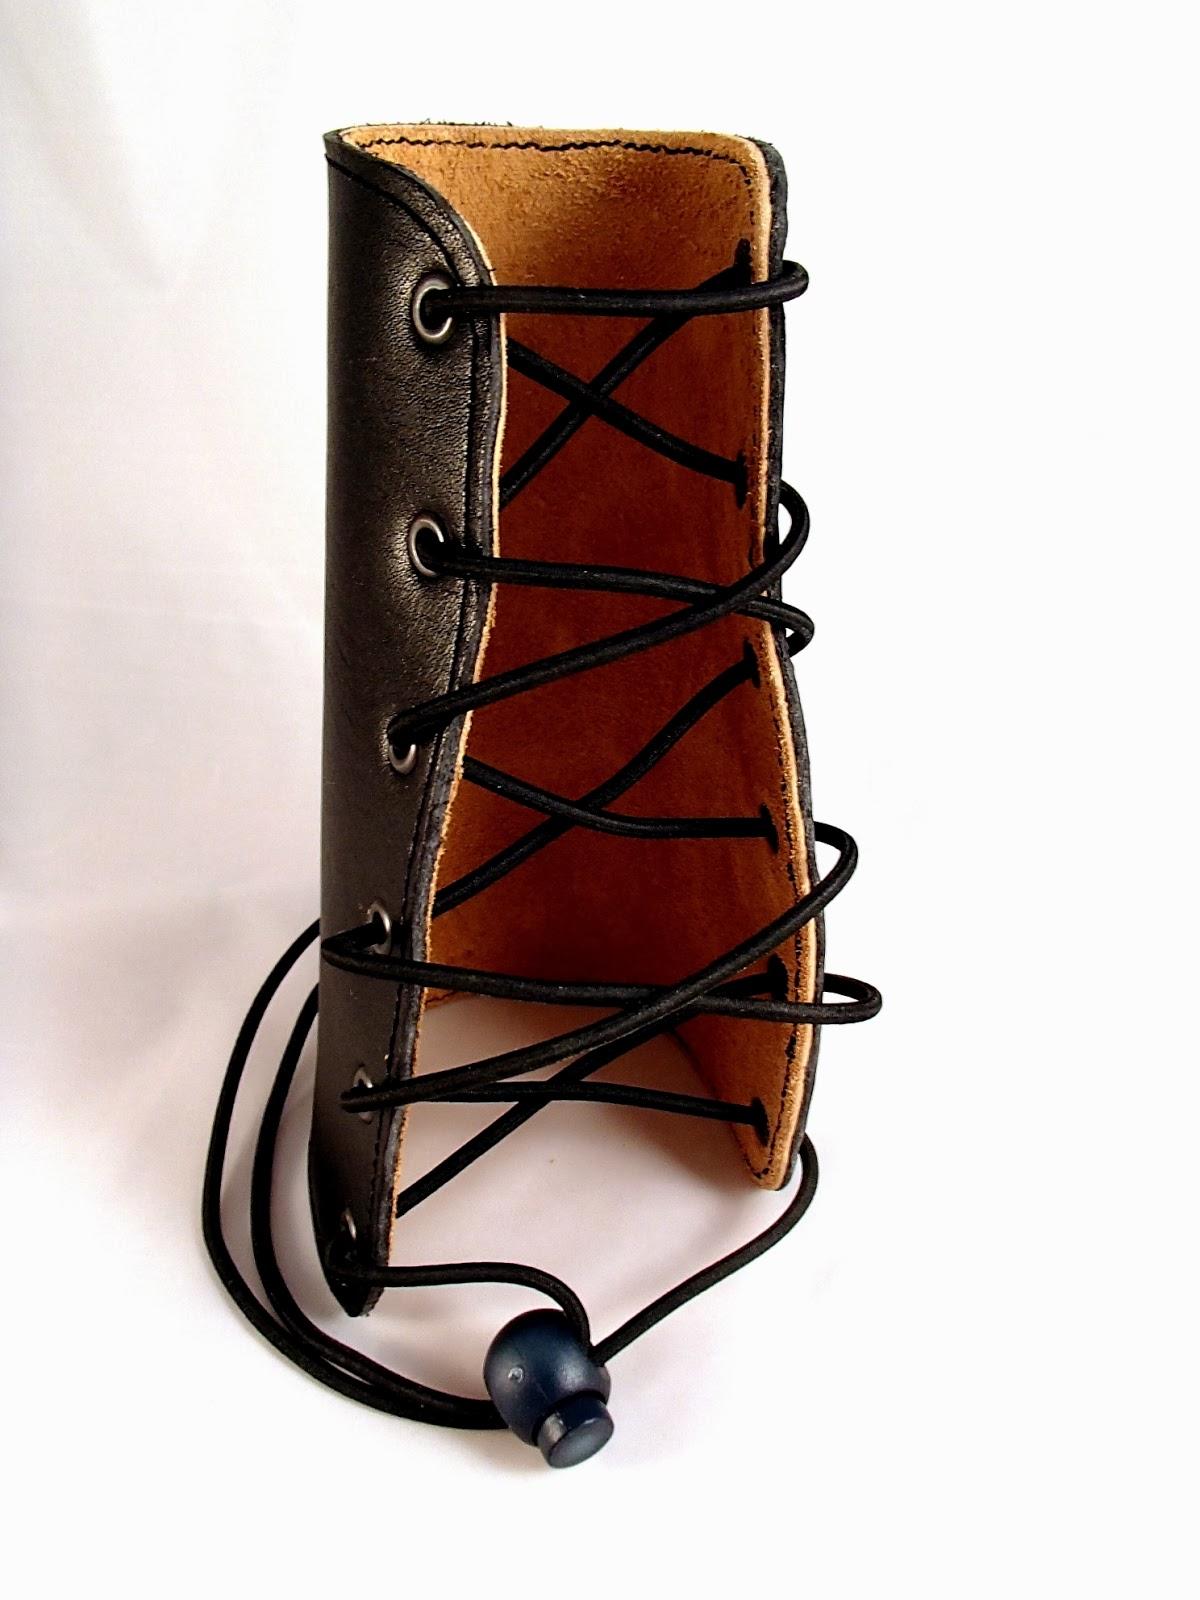 Vue de face du protège cuir pour tir à l'arc